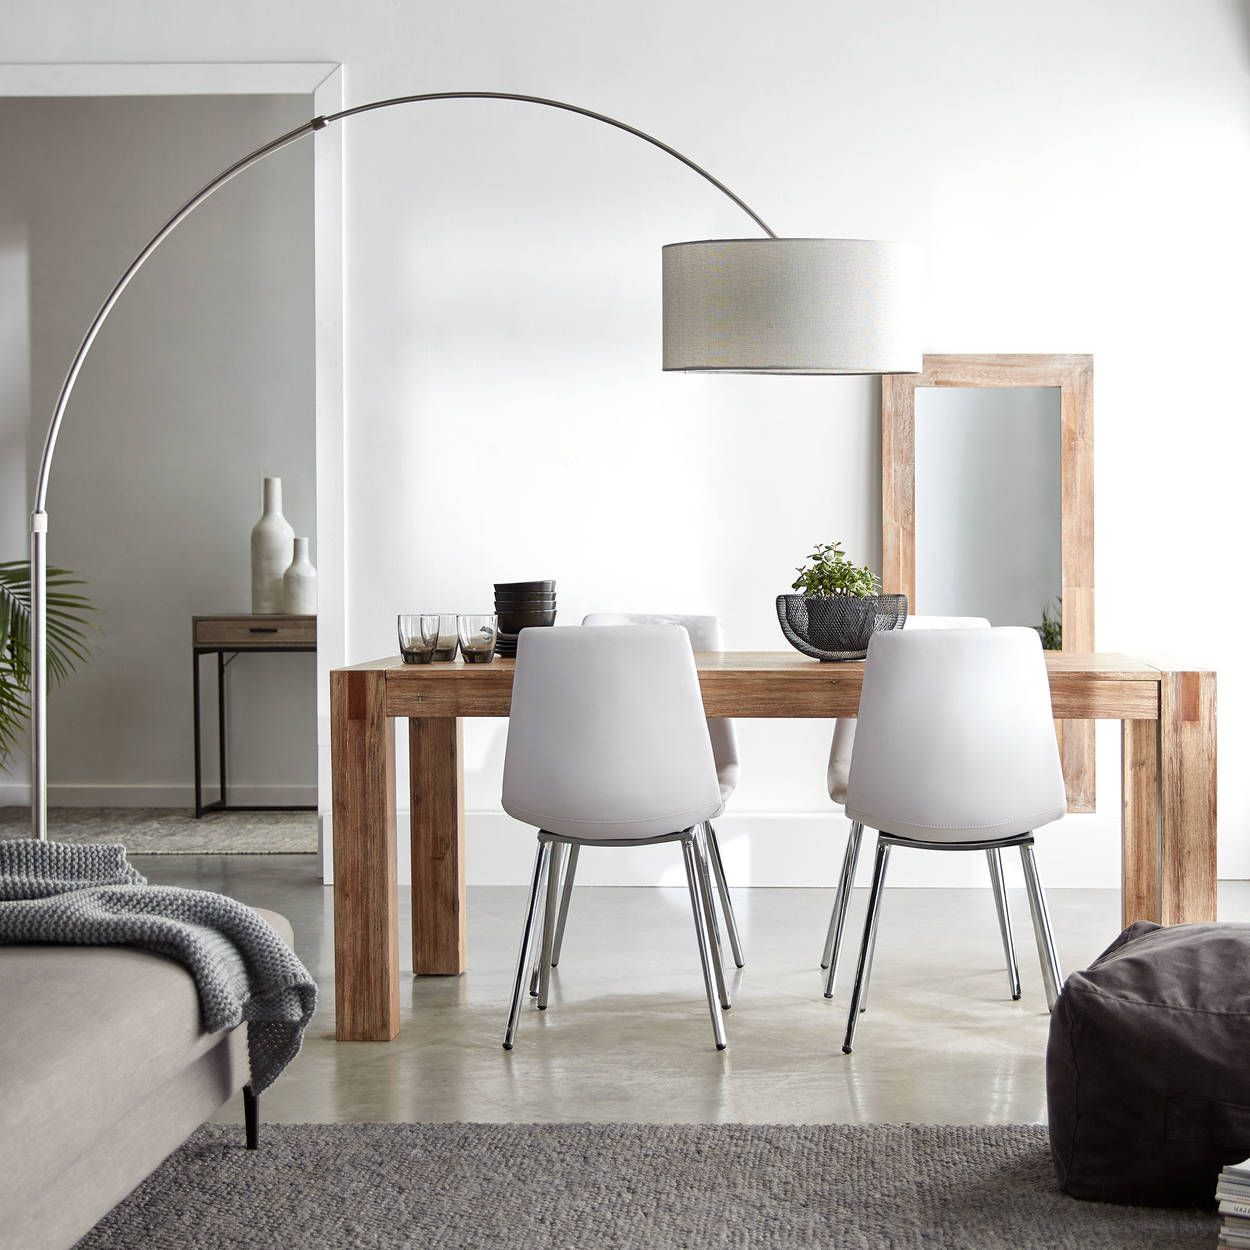 Kleines Wohnzimmer Mit Essbereich Einrichten Tipps Der Freshideen